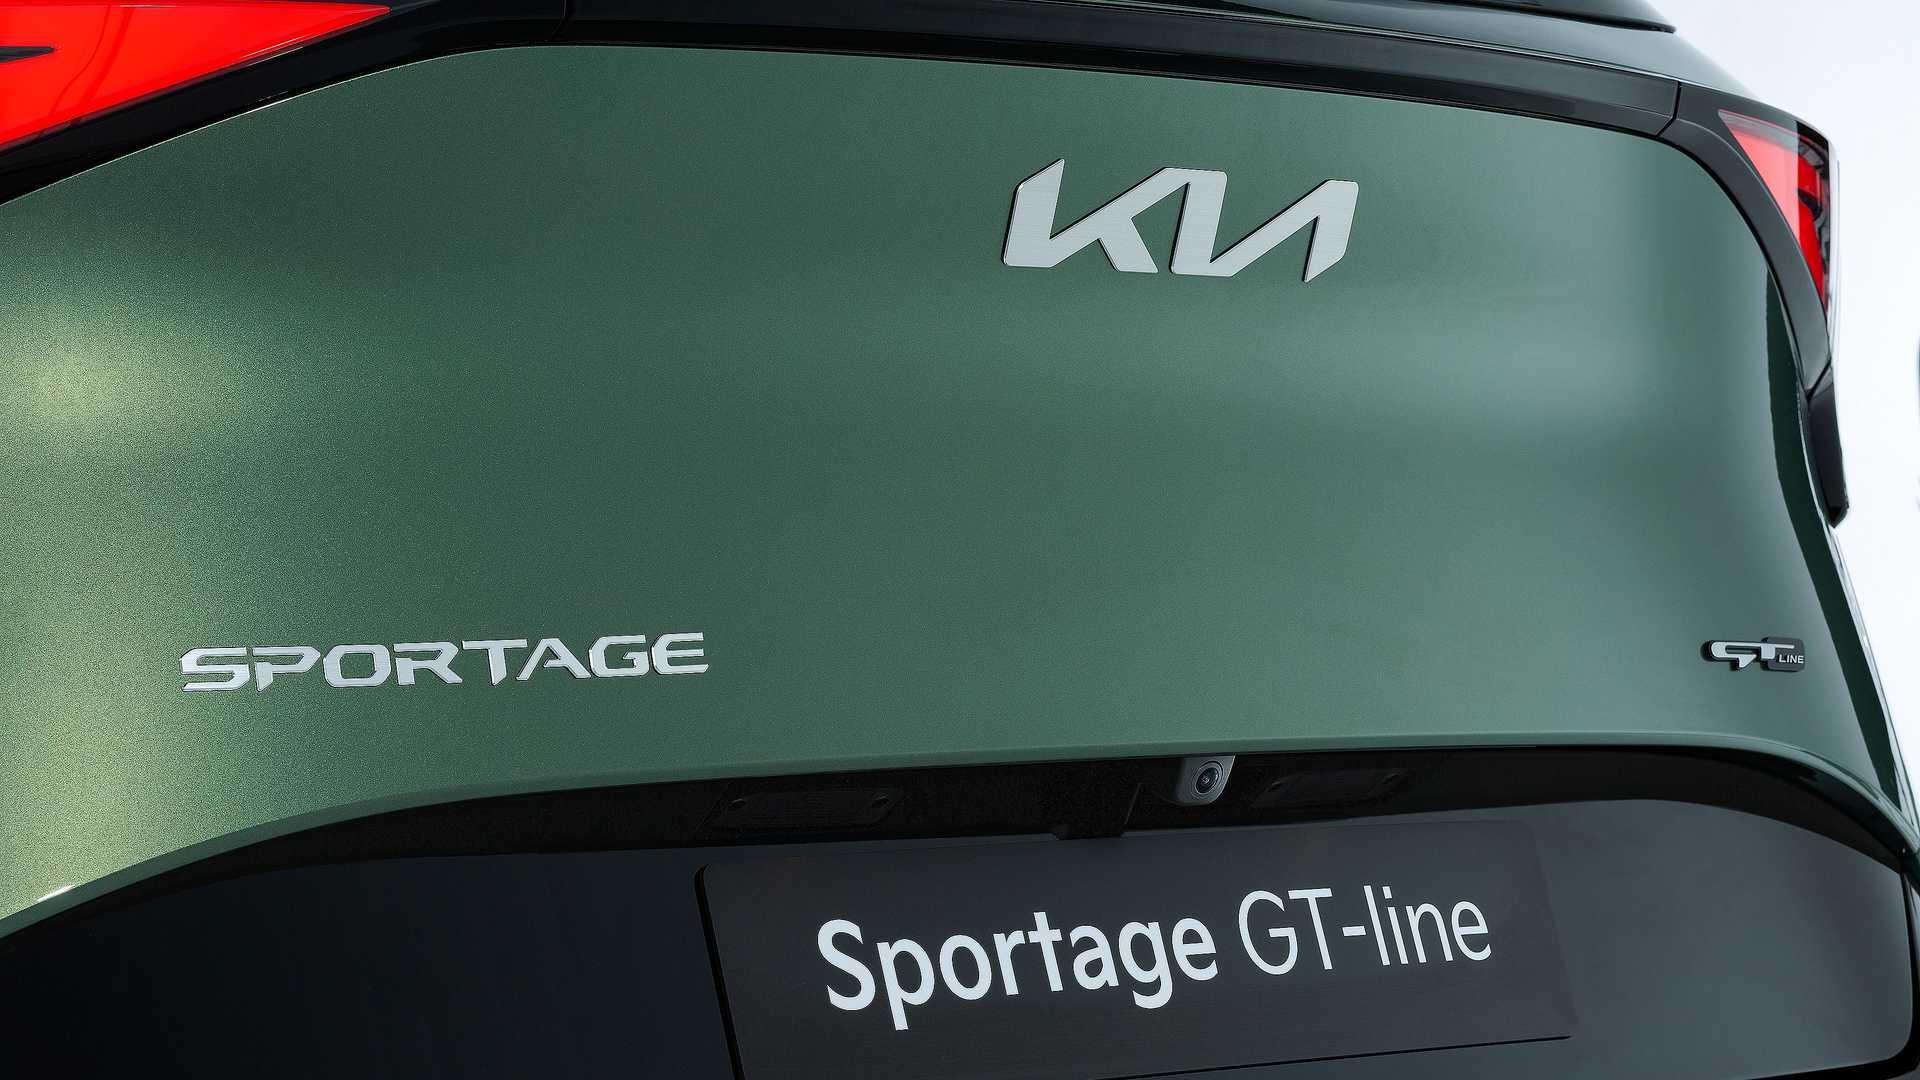 2022-kia-sportage-euro-spec-detail2.jpeg